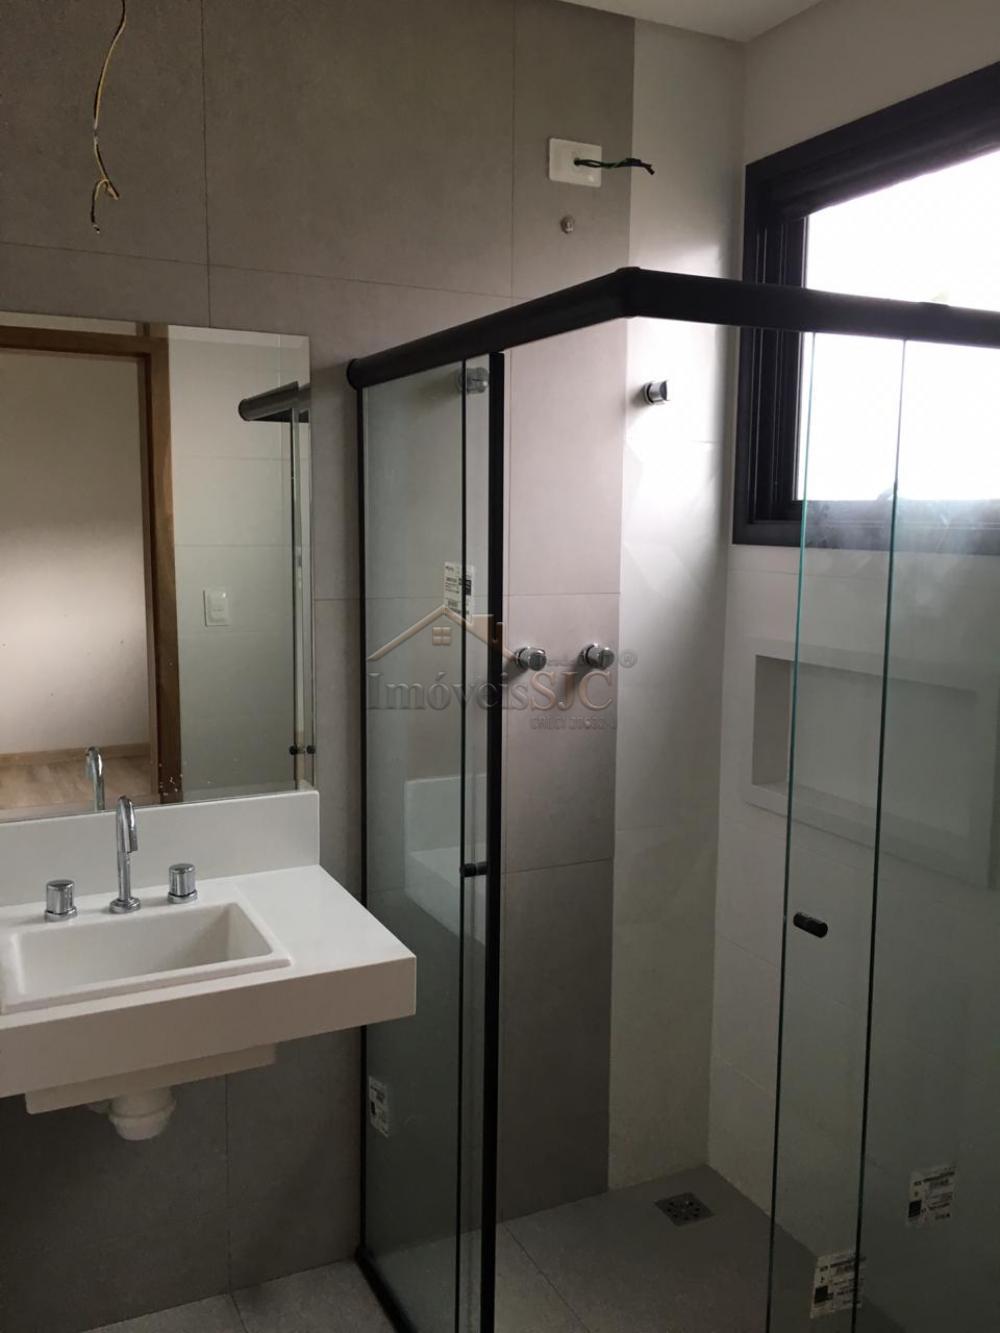 Comprar Casas / Condomínio em São José dos Campos apenas R$ 1.050.000,00 - Foto 14